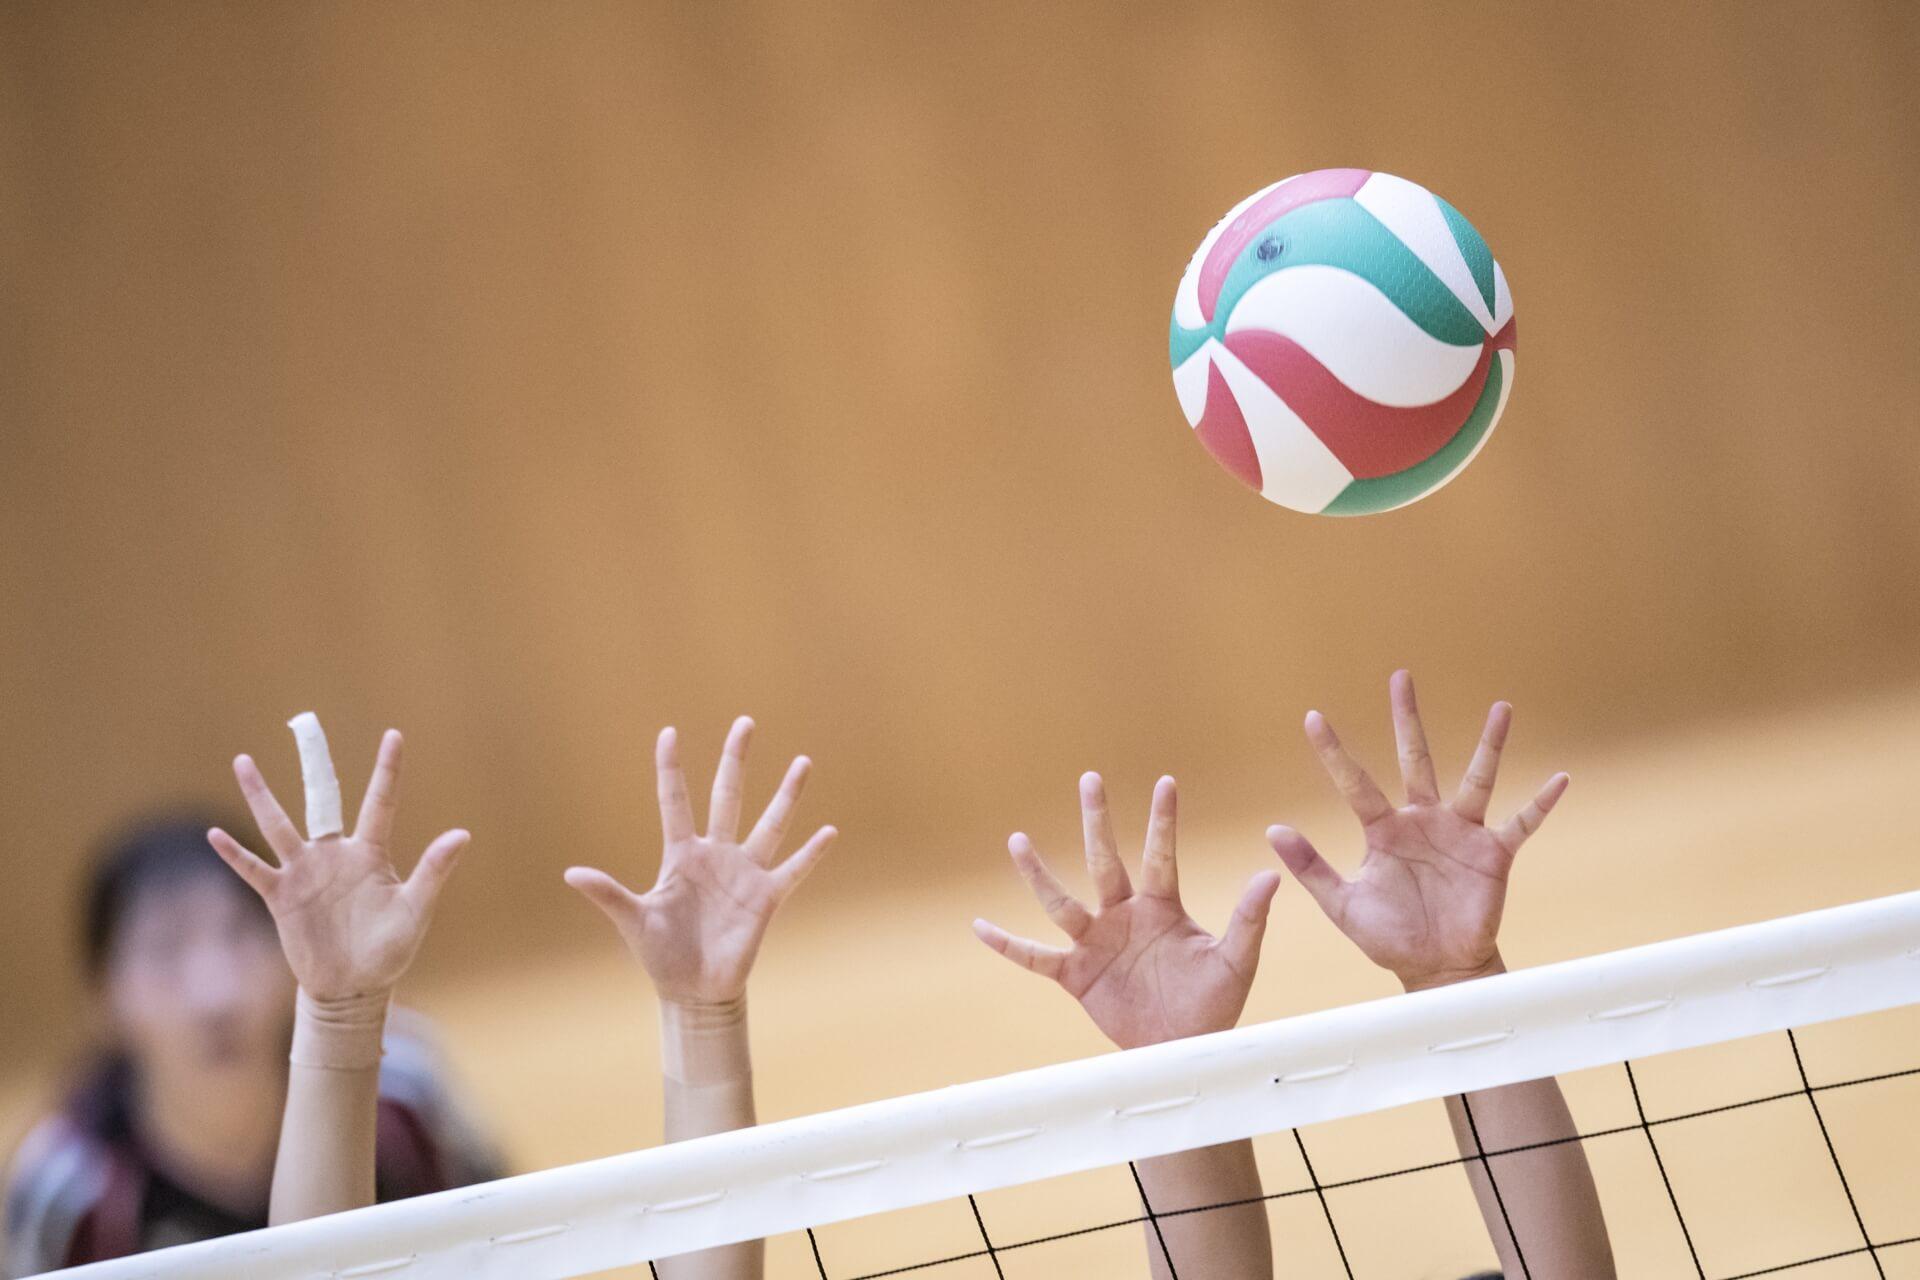 バレーボールをプレイする人々